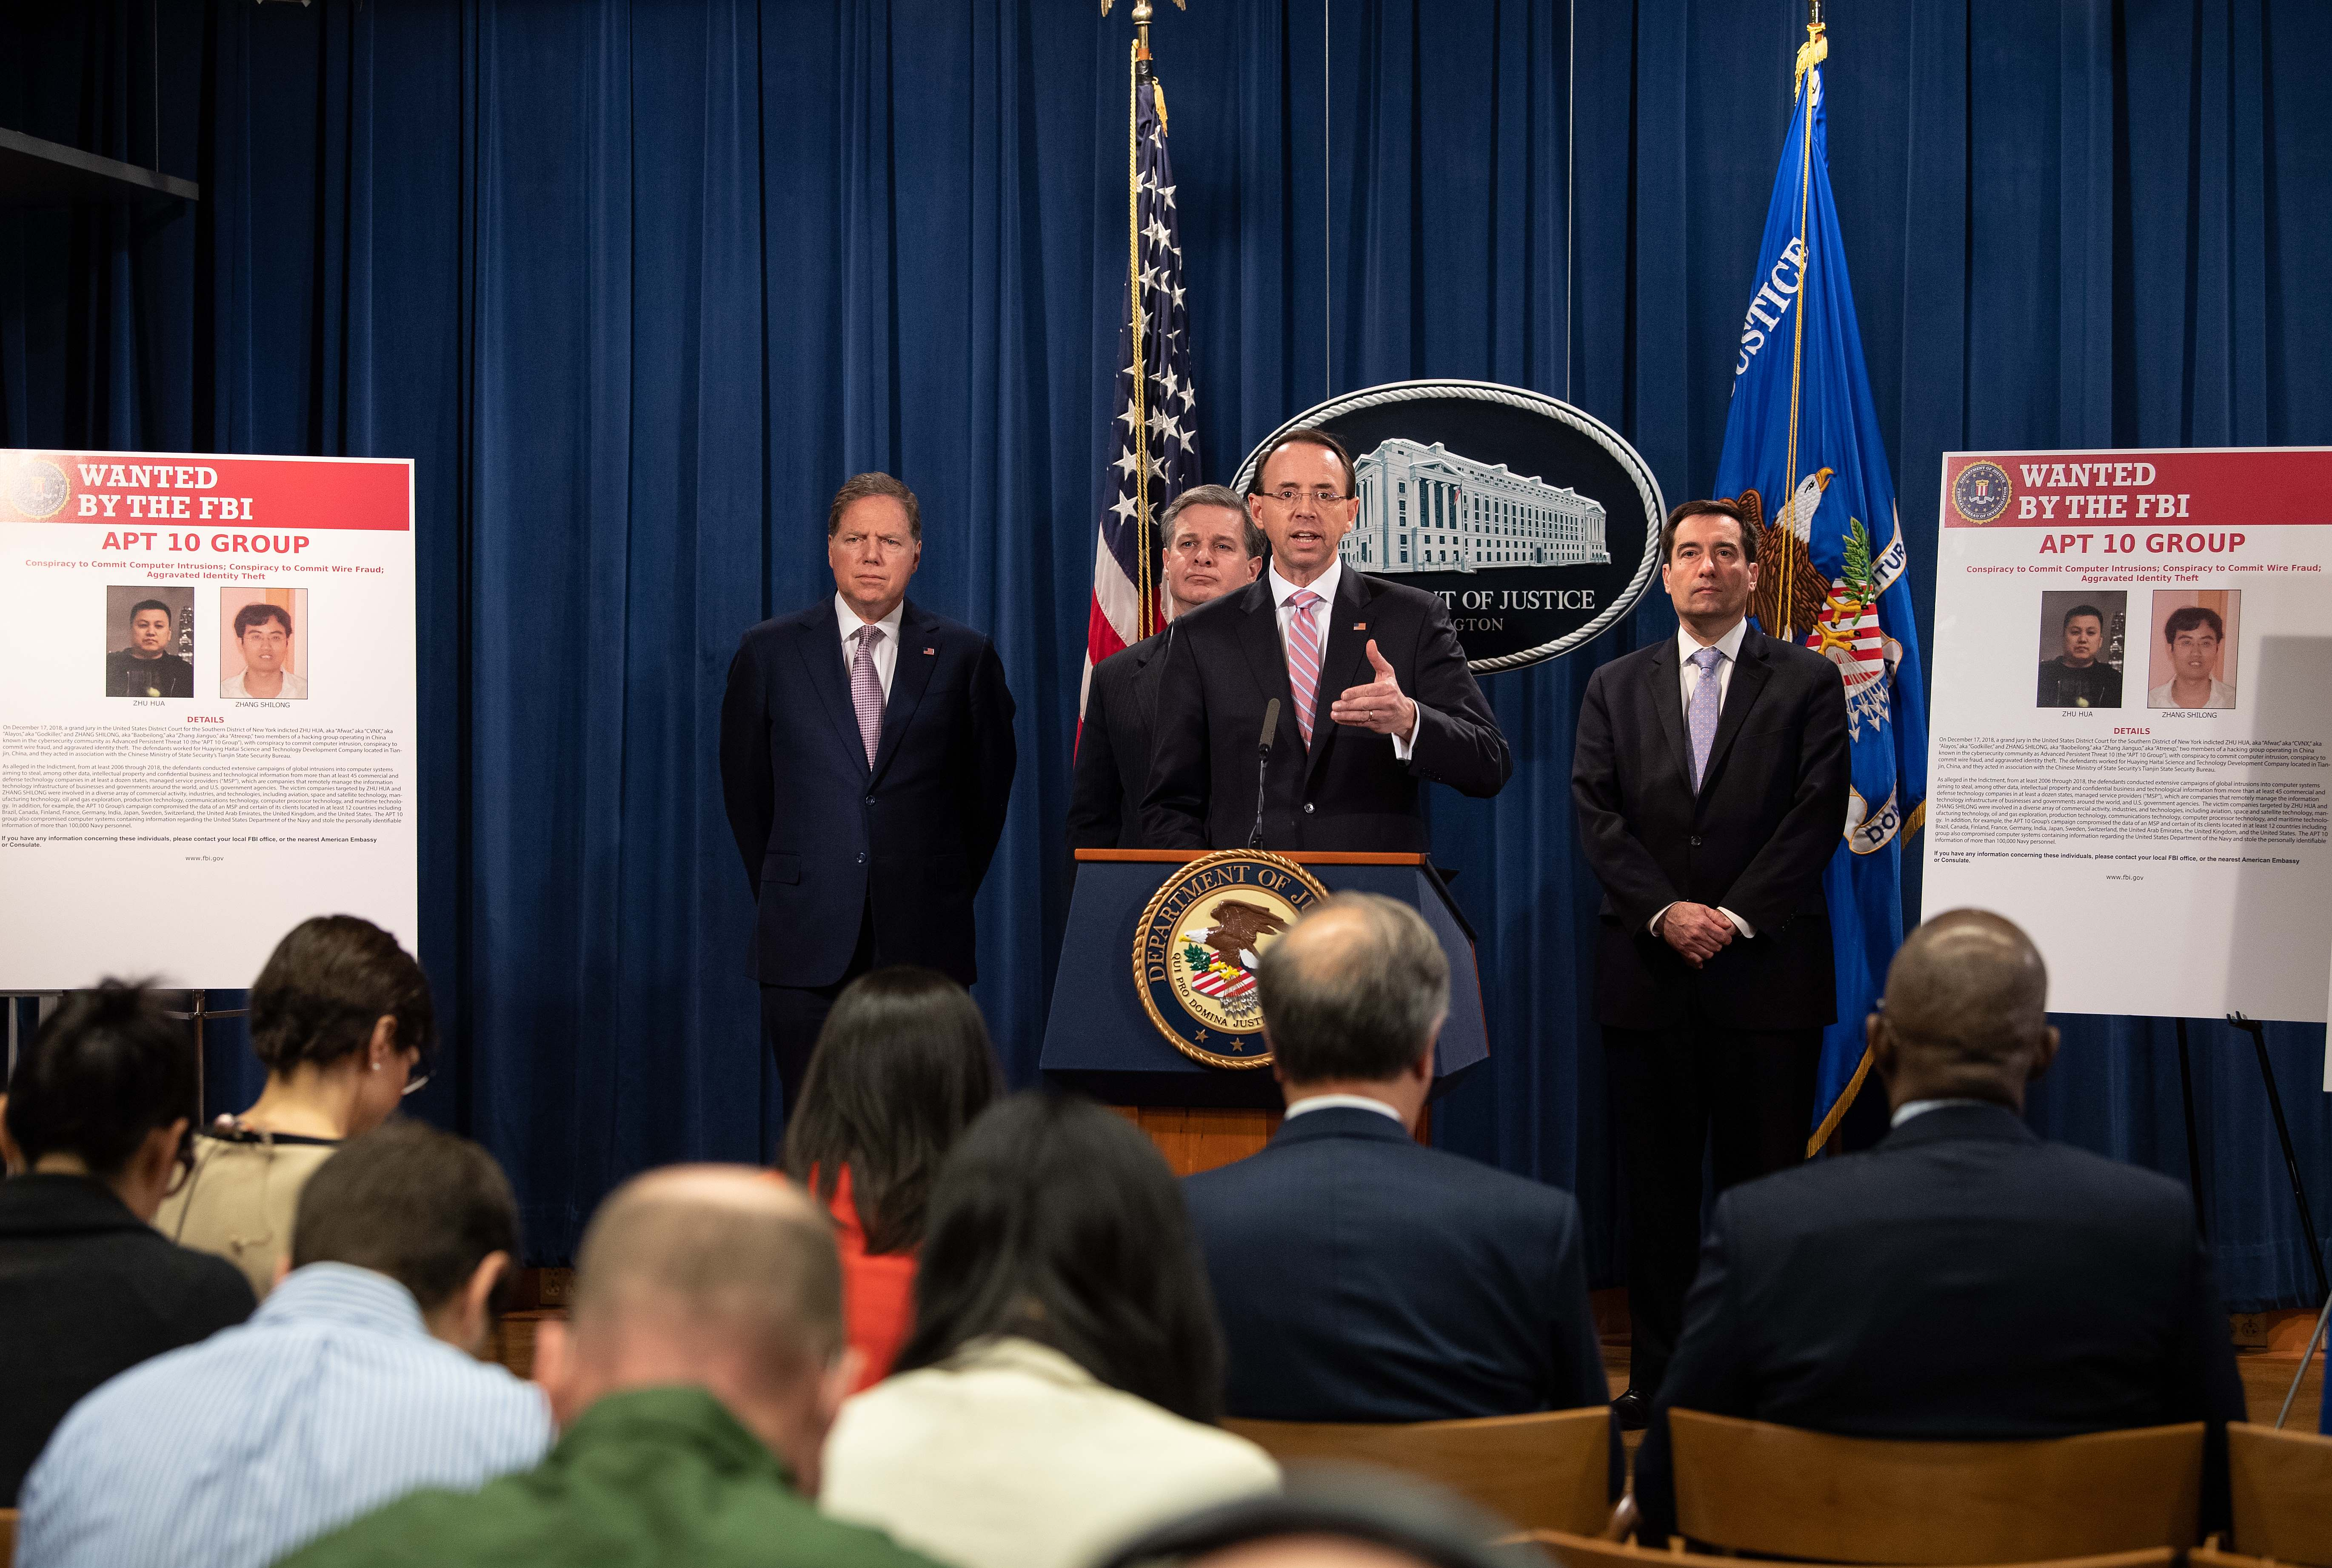 中共黑客入侵45家美科技公司和政府機構